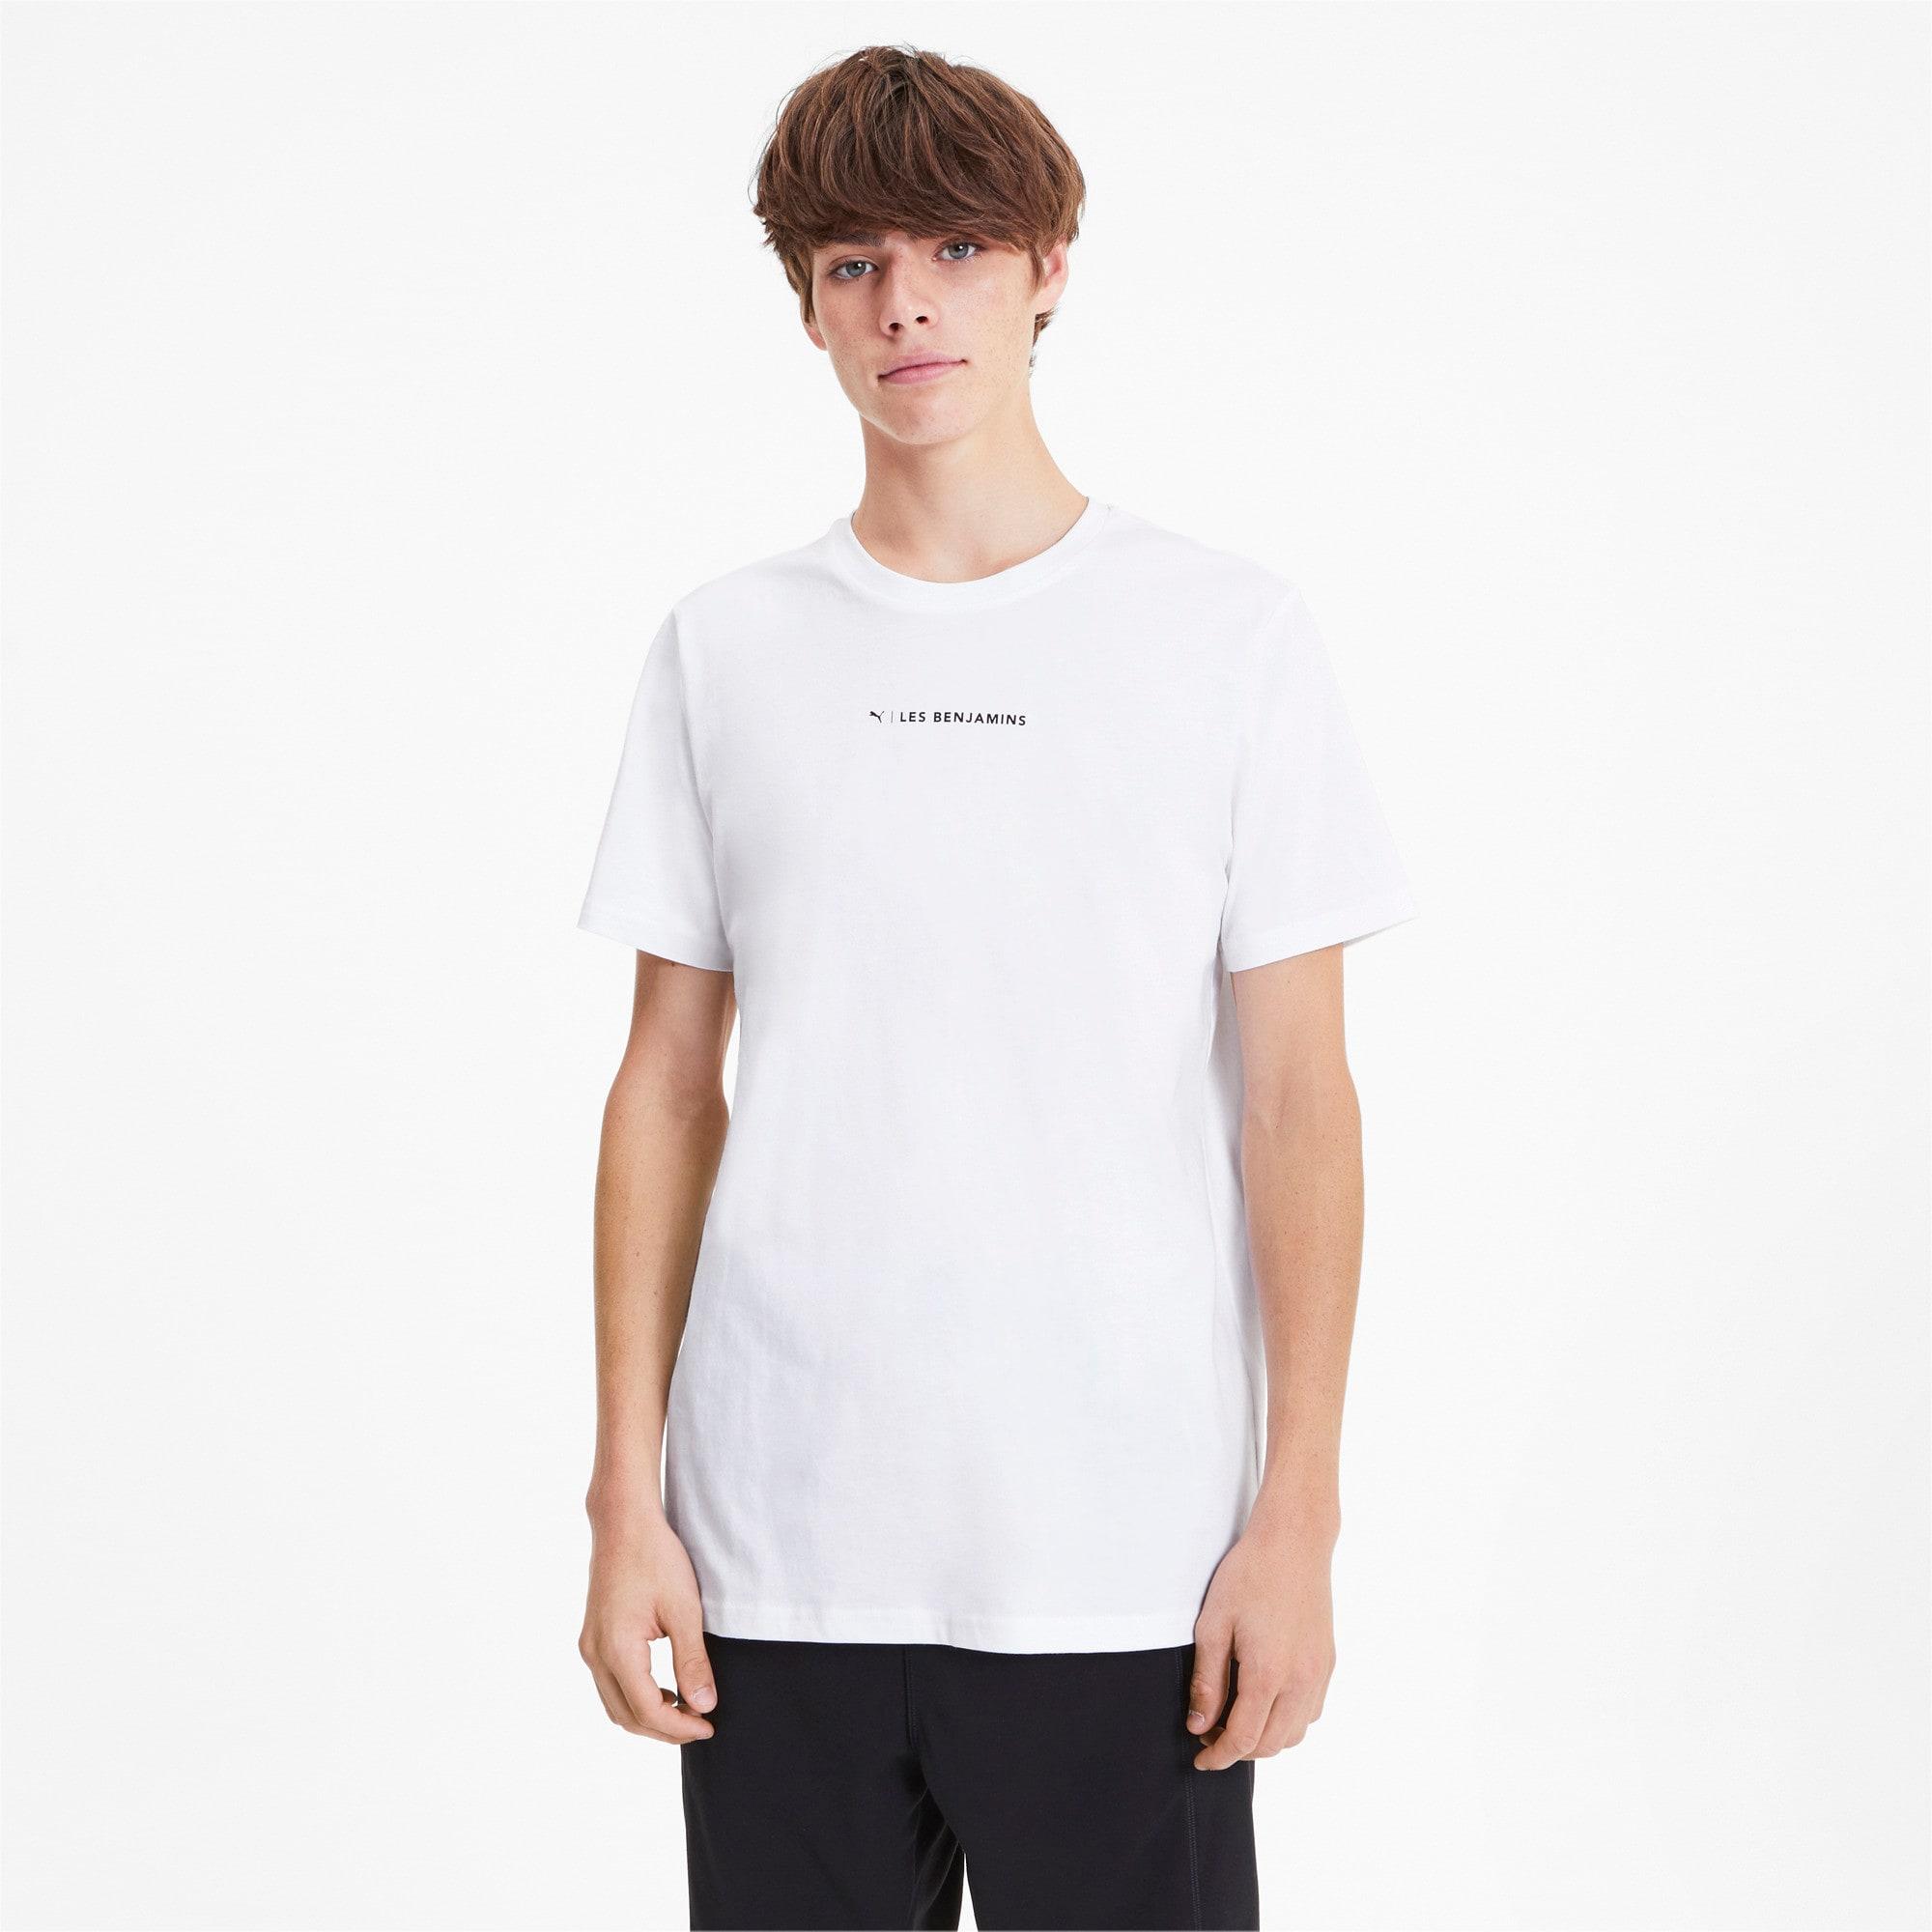 Miniatura 1 de Camiseta PUMA x LES BENJAMINS para hombre, Puma White, mediano